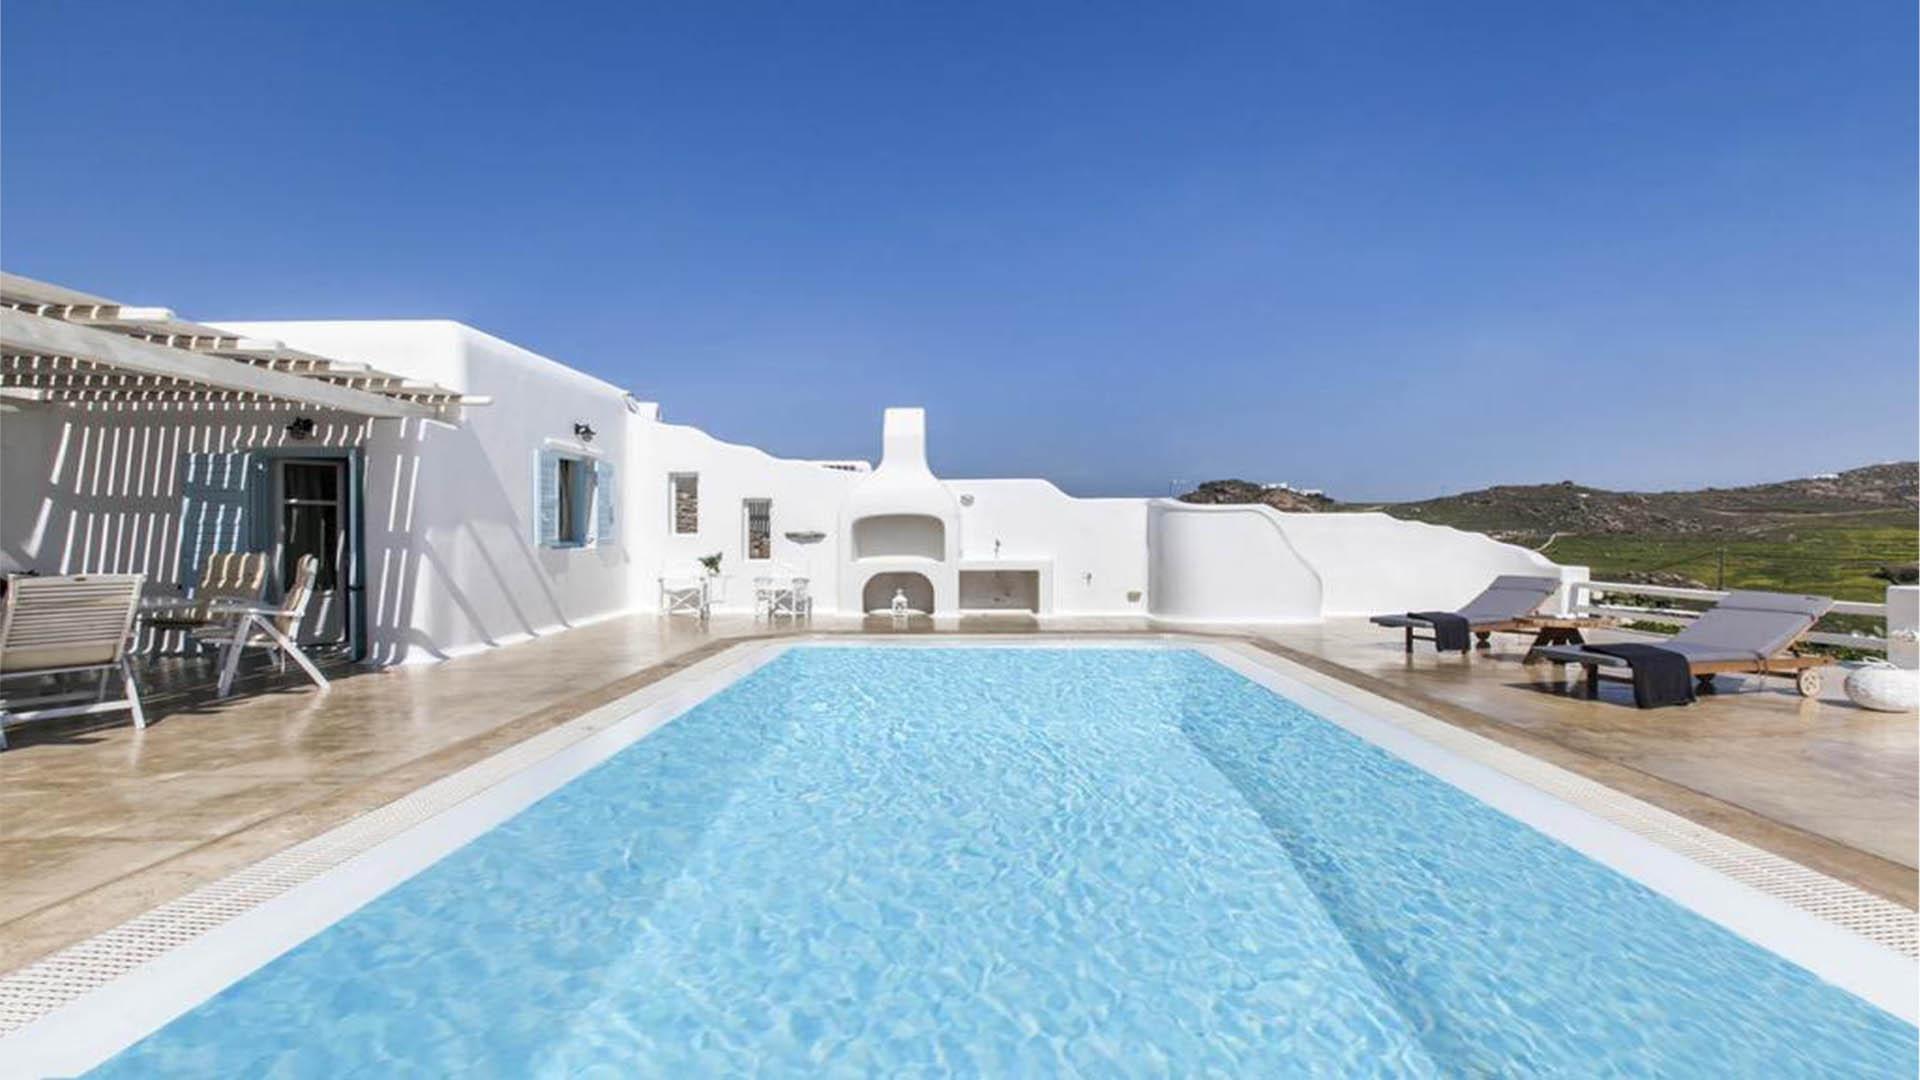 Villa Apiro